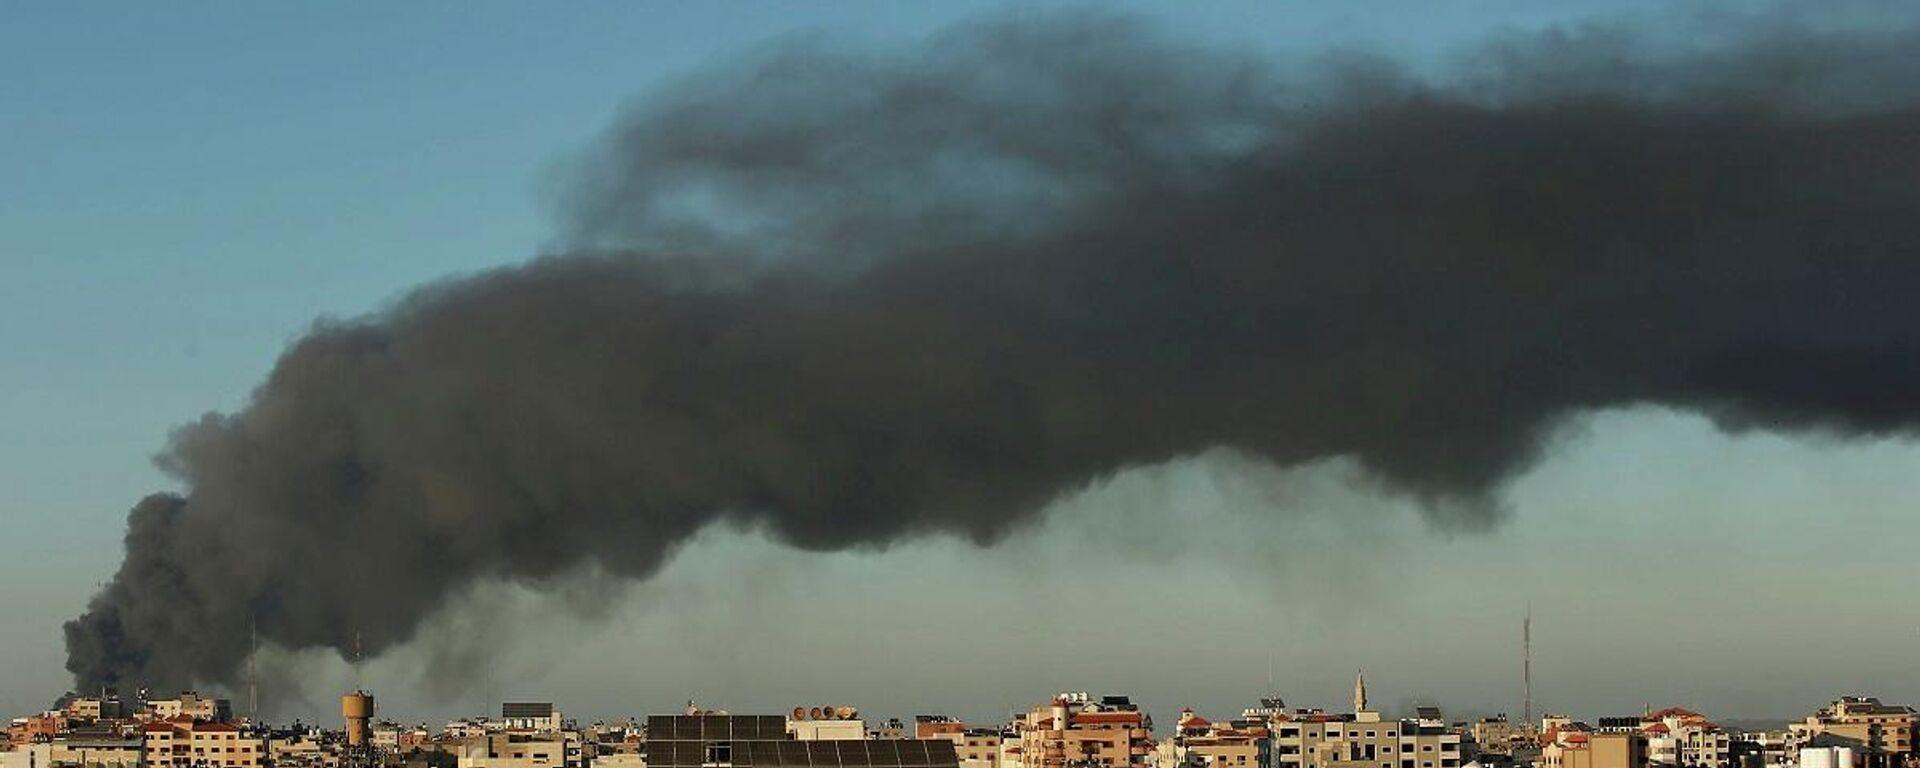 El humo se eleva en medio de un estallido de violencia israelí-palestina, en Gaza, el 15 de mayo de 2021 - Sputnik Mundo, 1920, 21.05.2021